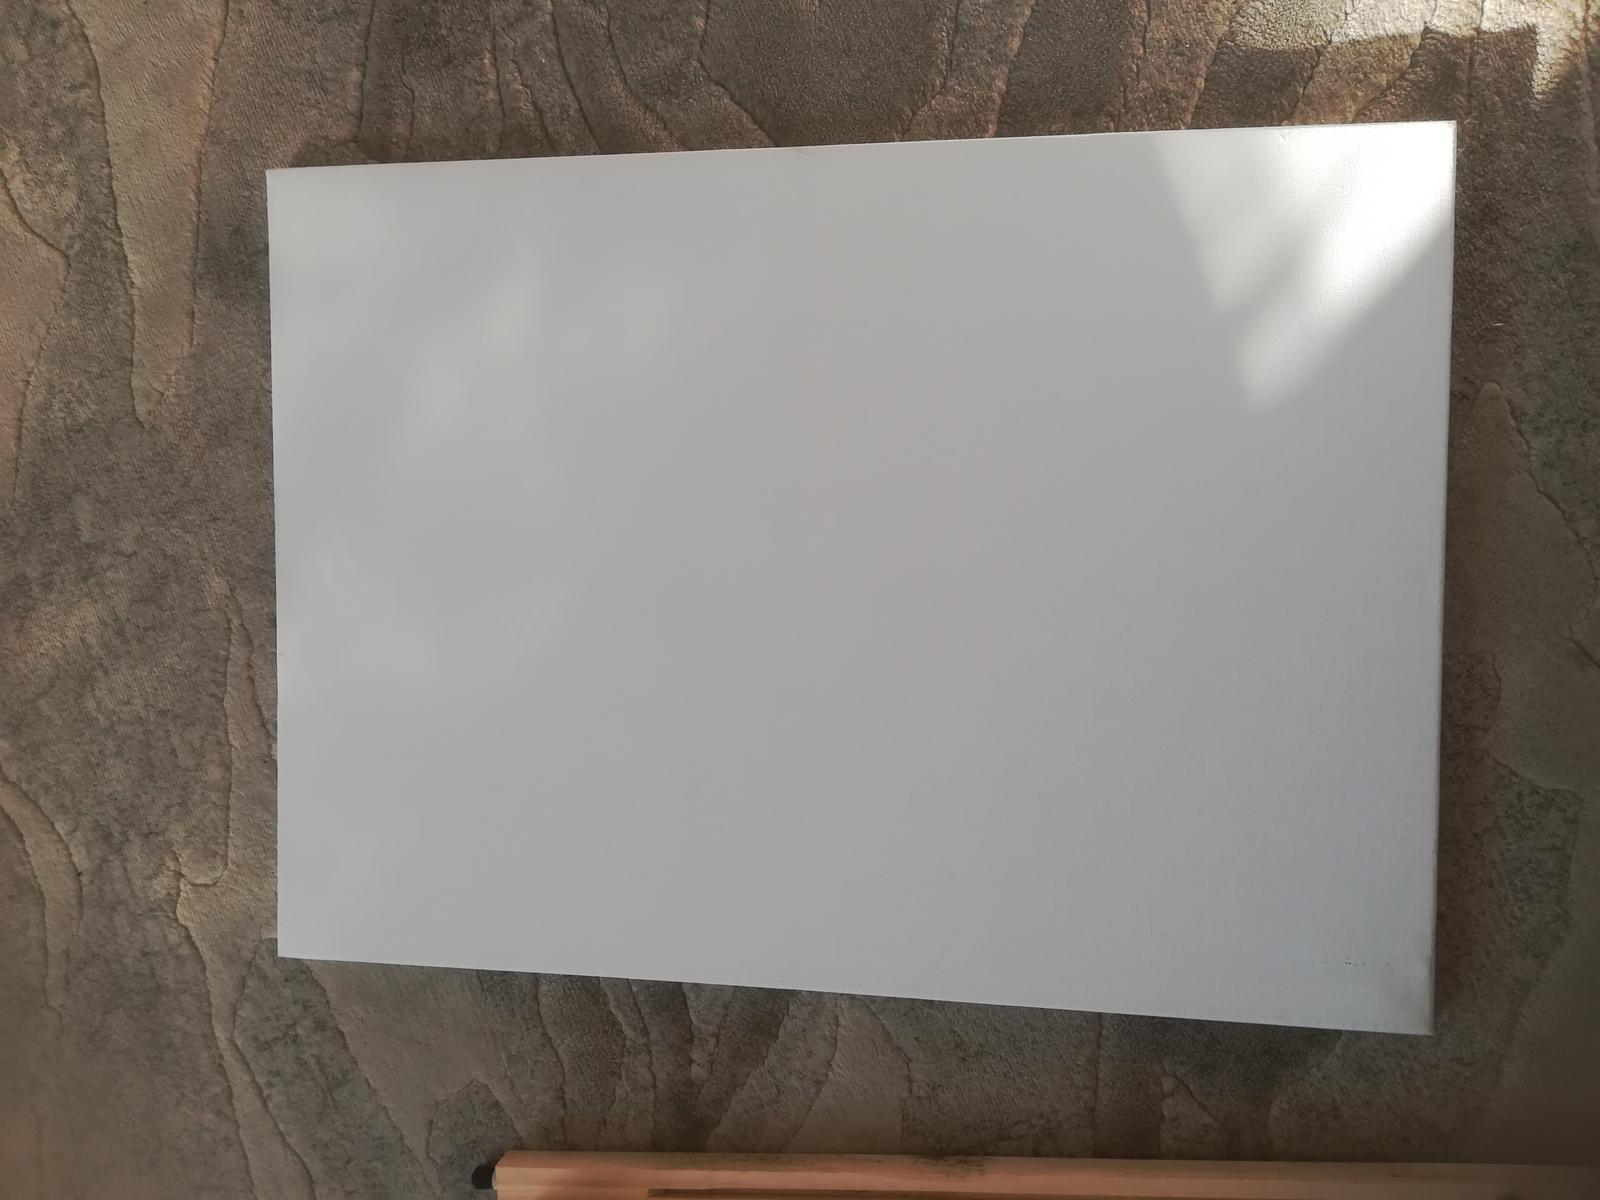 Stojan maliarsky na zasadací poriadok + plátno - Obrázok č. 1